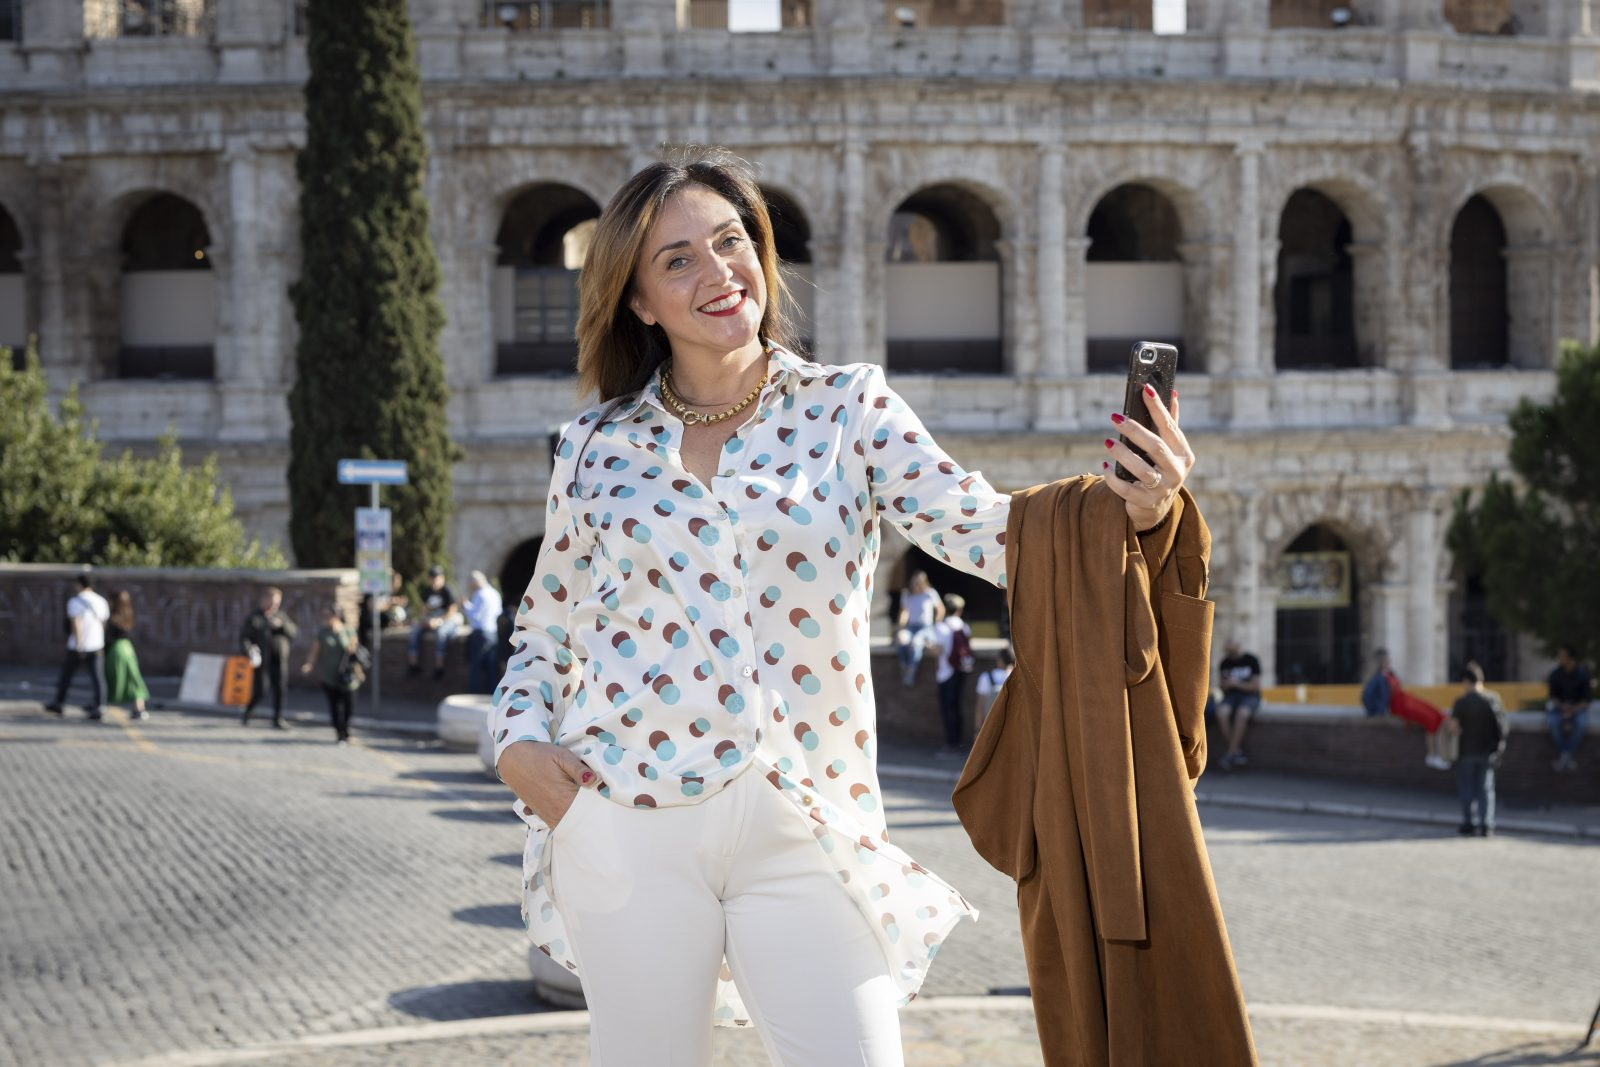 Silvia Rossi con uno smartphone per le vie del centro di Roma. La foto illustra come il futuro del Real Estate sia sempre più social. Ecco come usar ei social media per vendere casa.